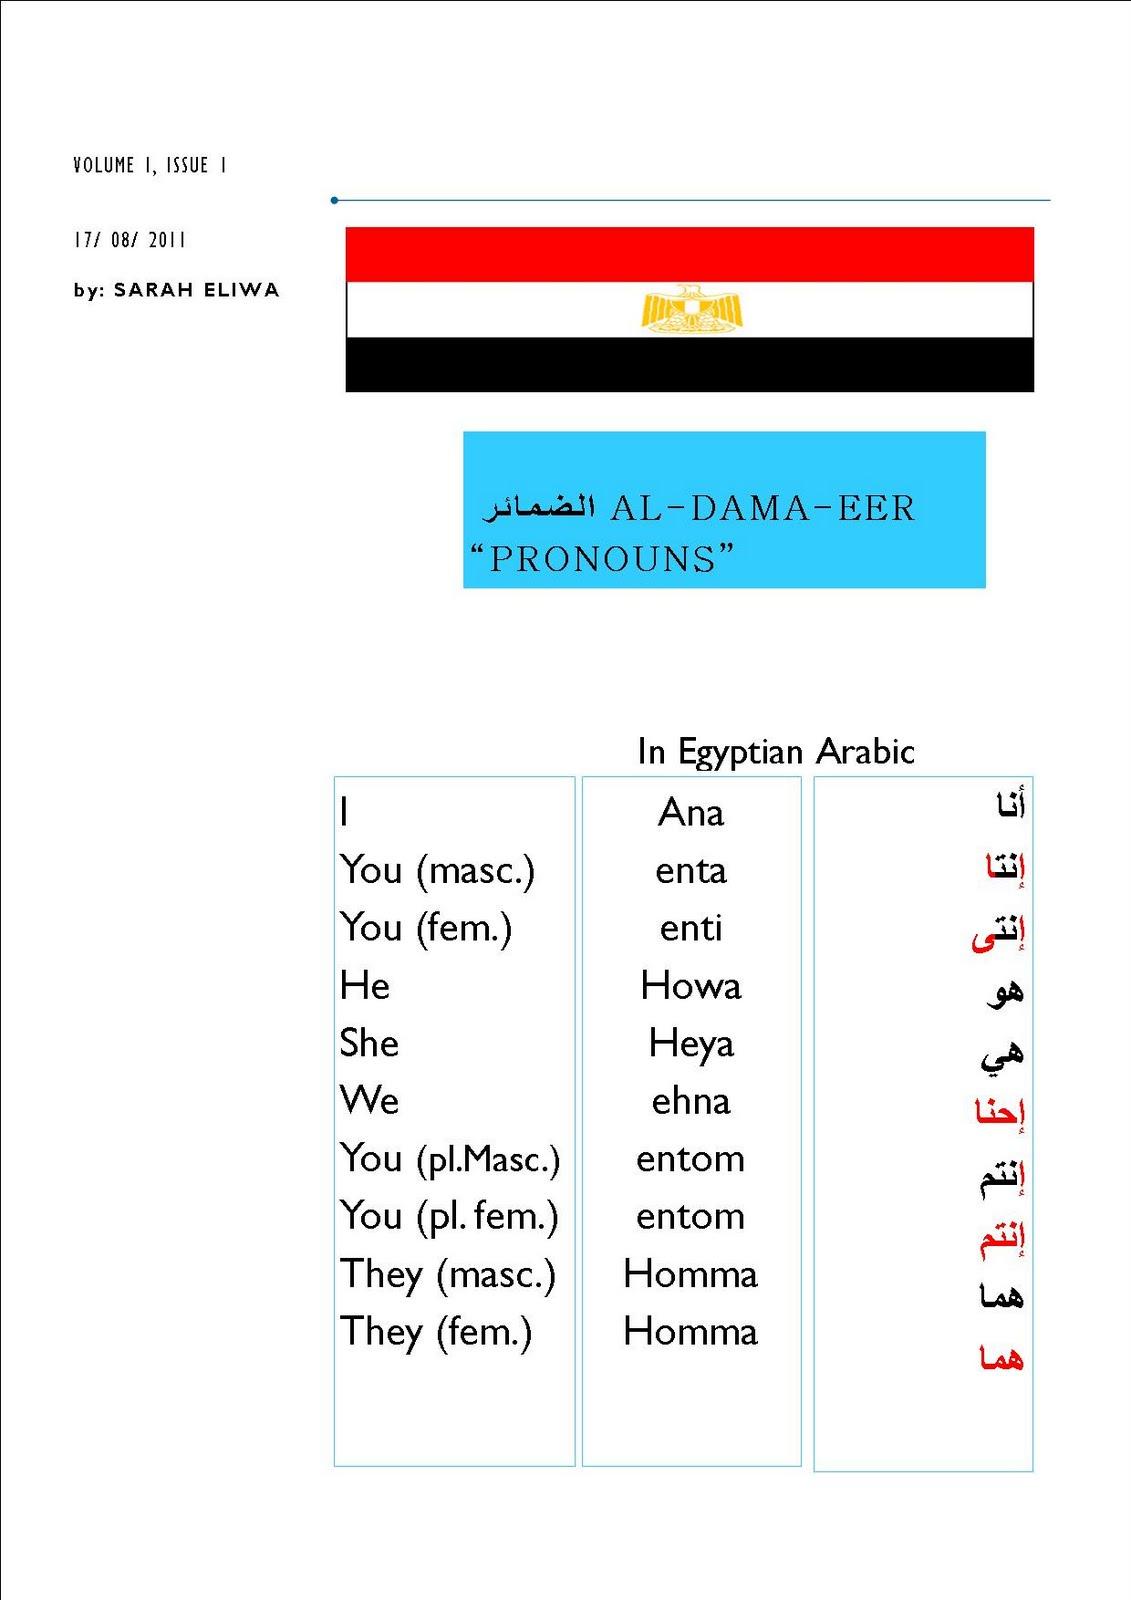 Learn egyptian arabic in london